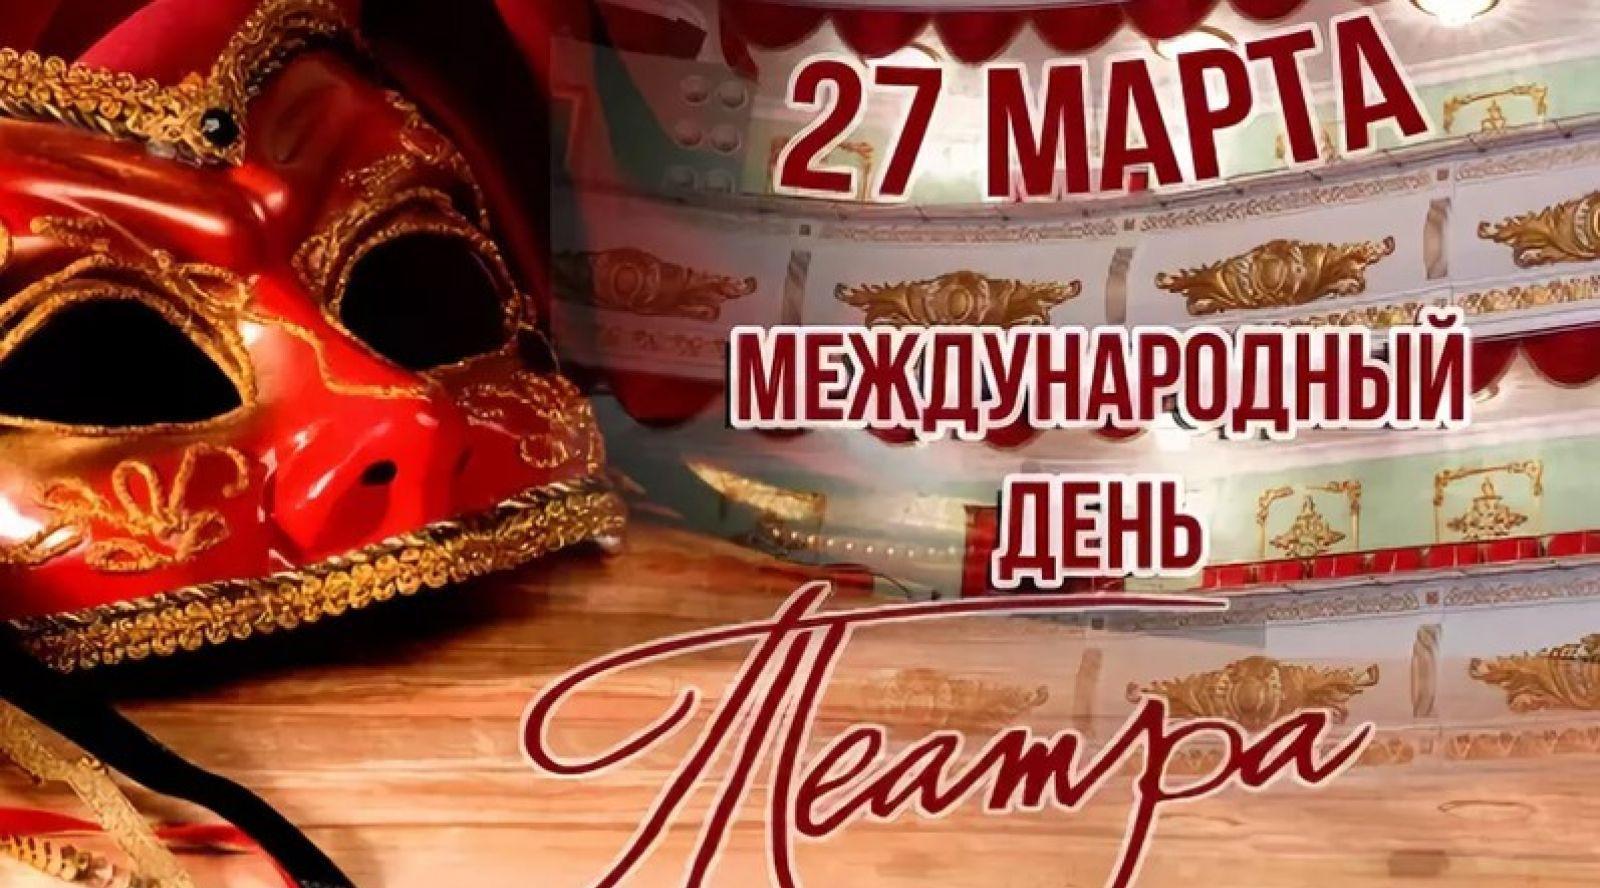 Международный день театра и другие праздники марта 2022 года